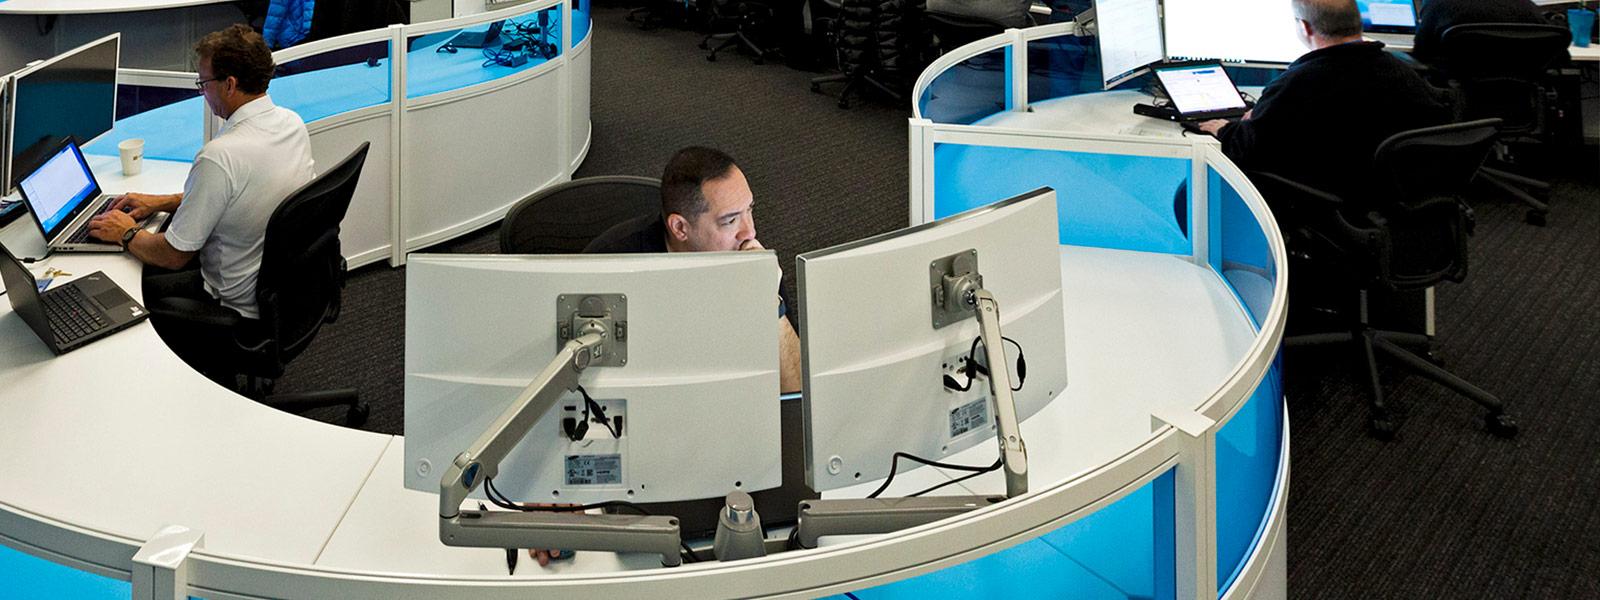 Man in cyberveiligheidscentrum kijkt naar 2 monitoren